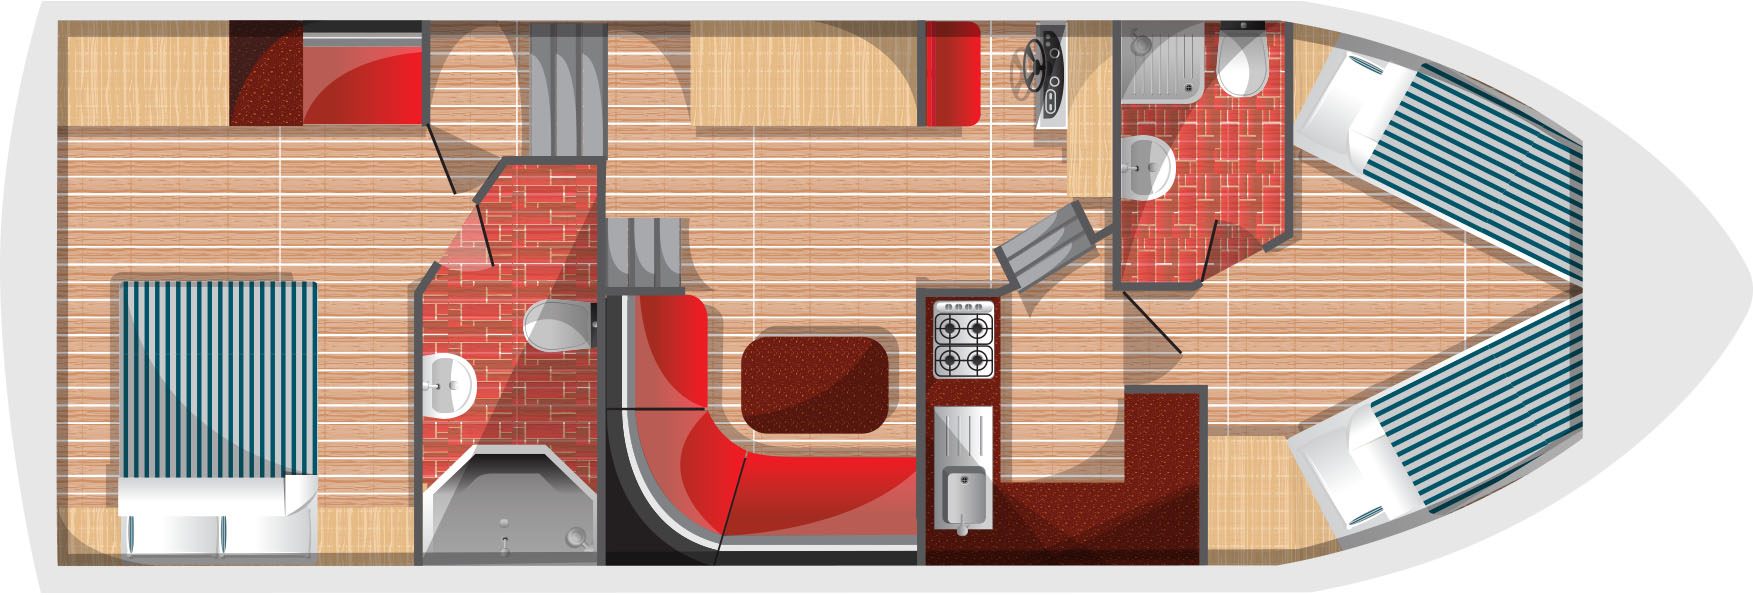 Floorplan for Fair Monarch